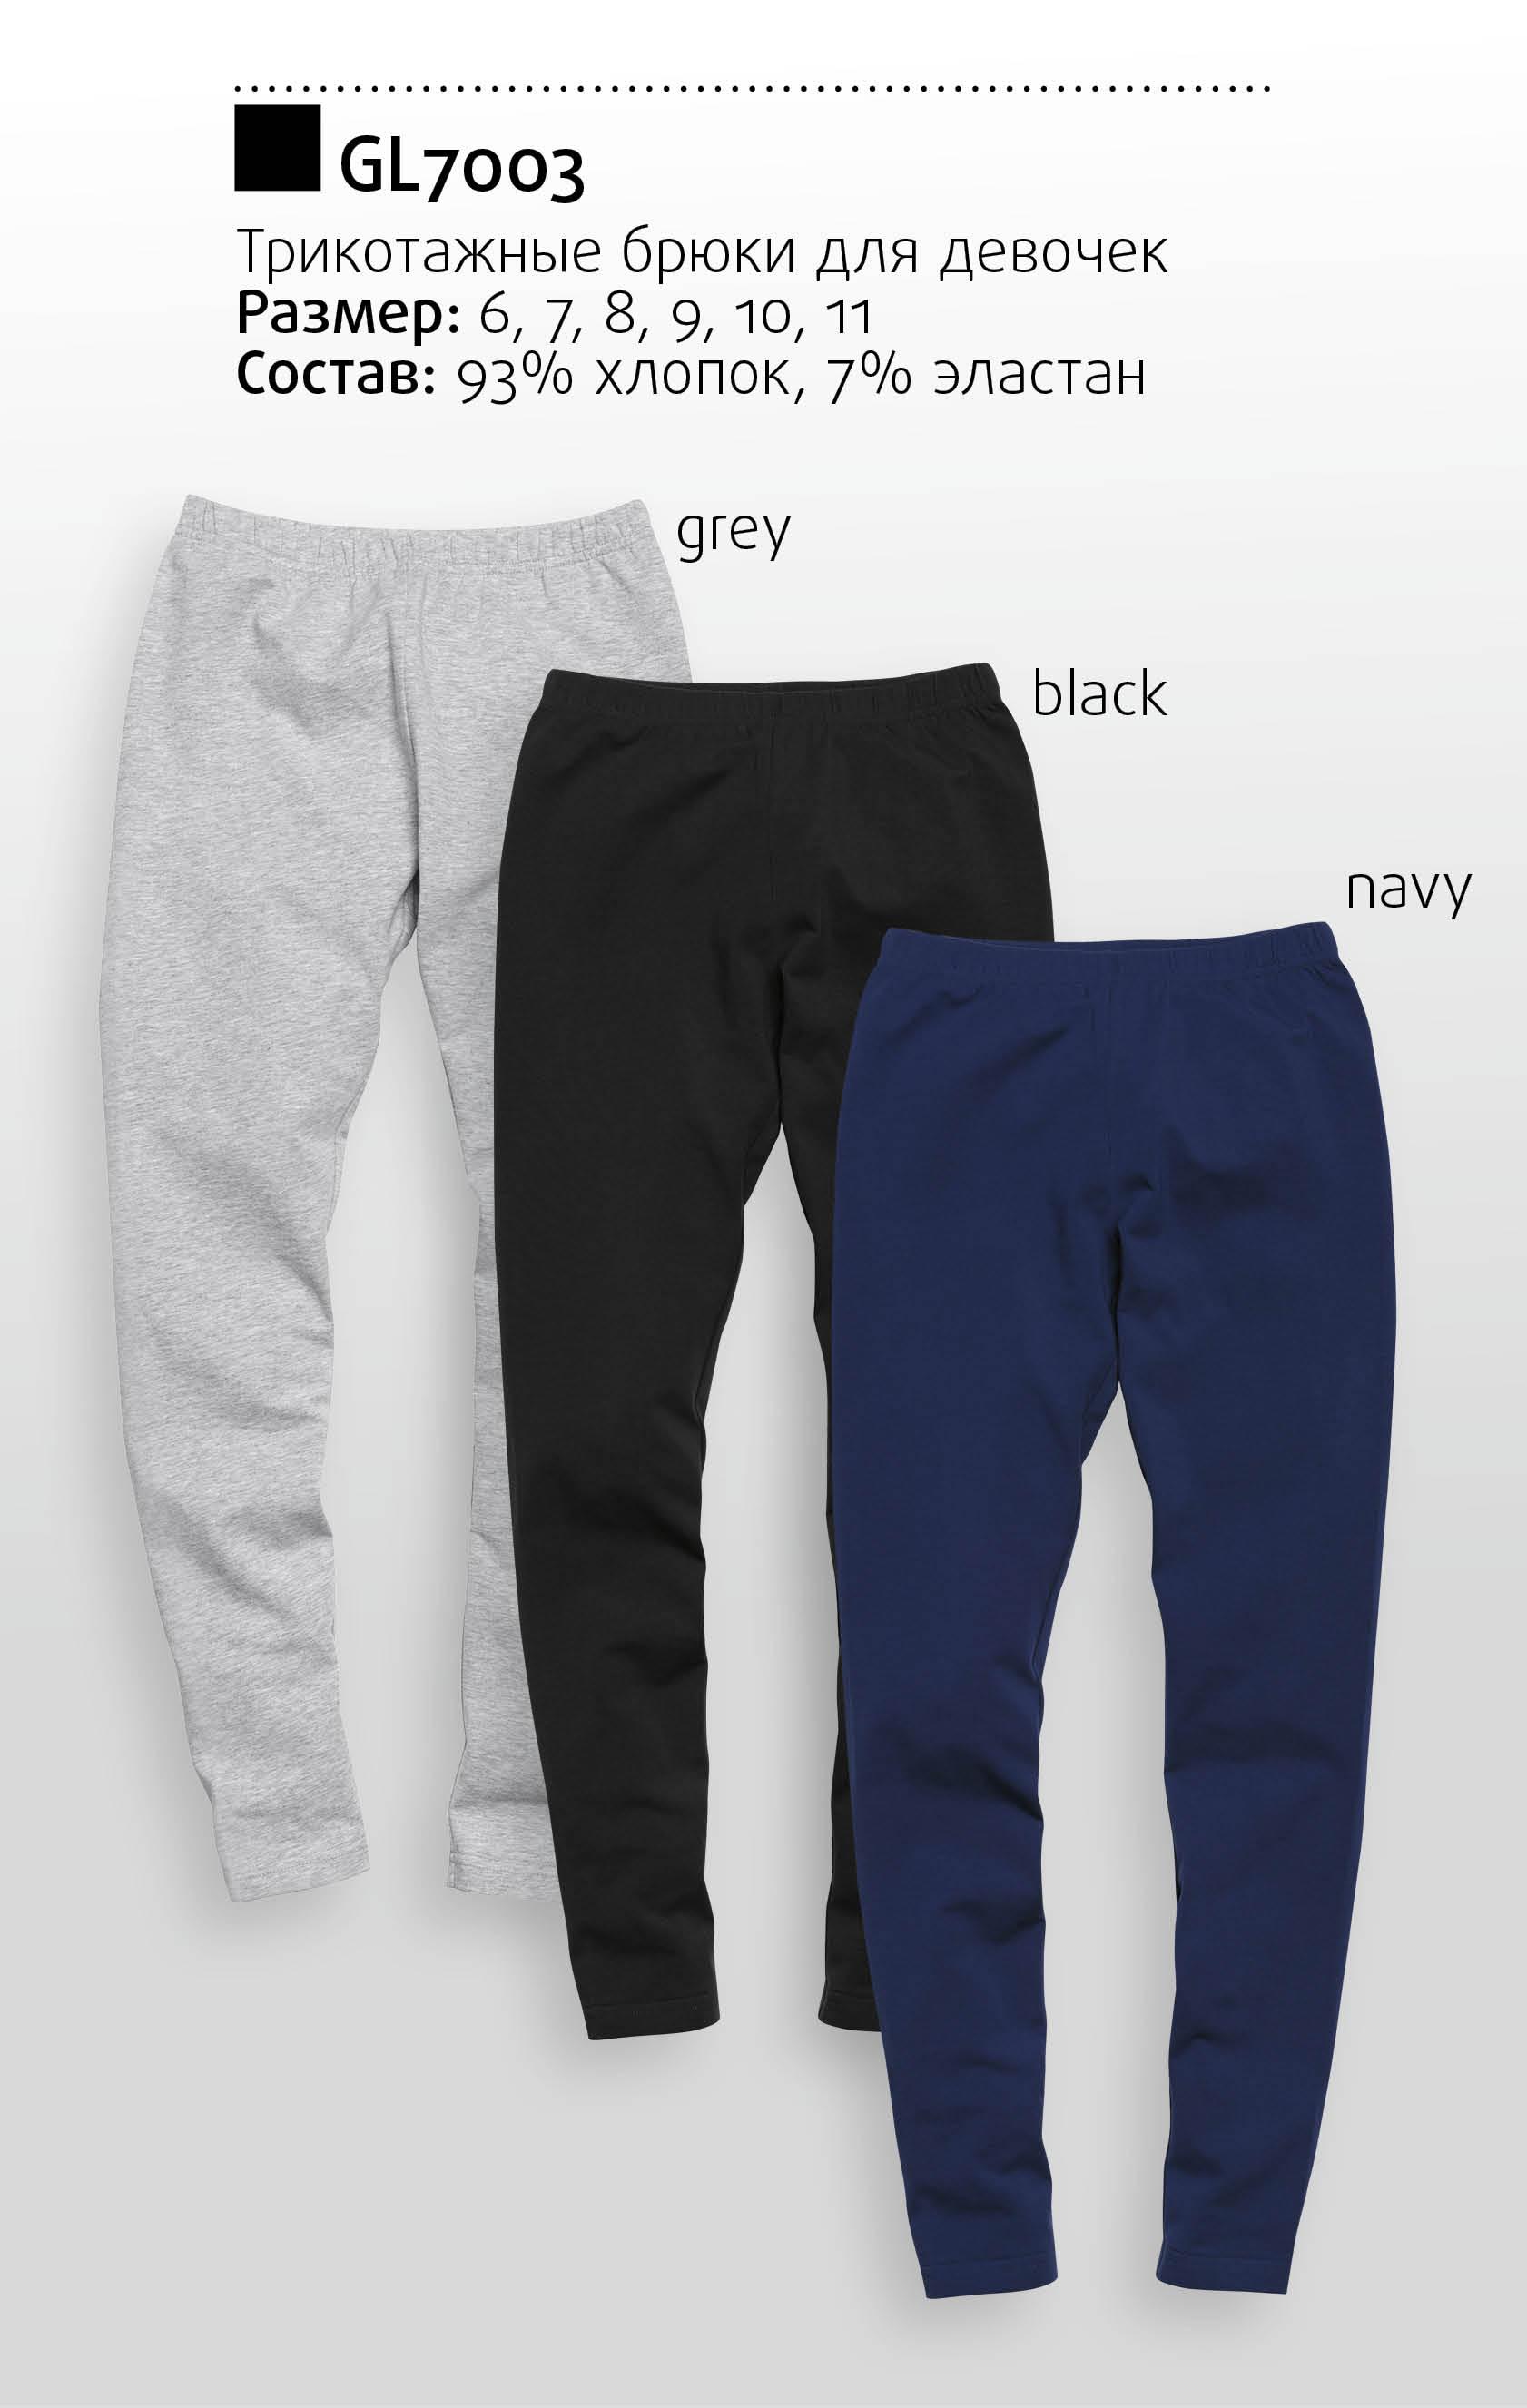 GL7003 брюки для девочек (1 шт в кор.)